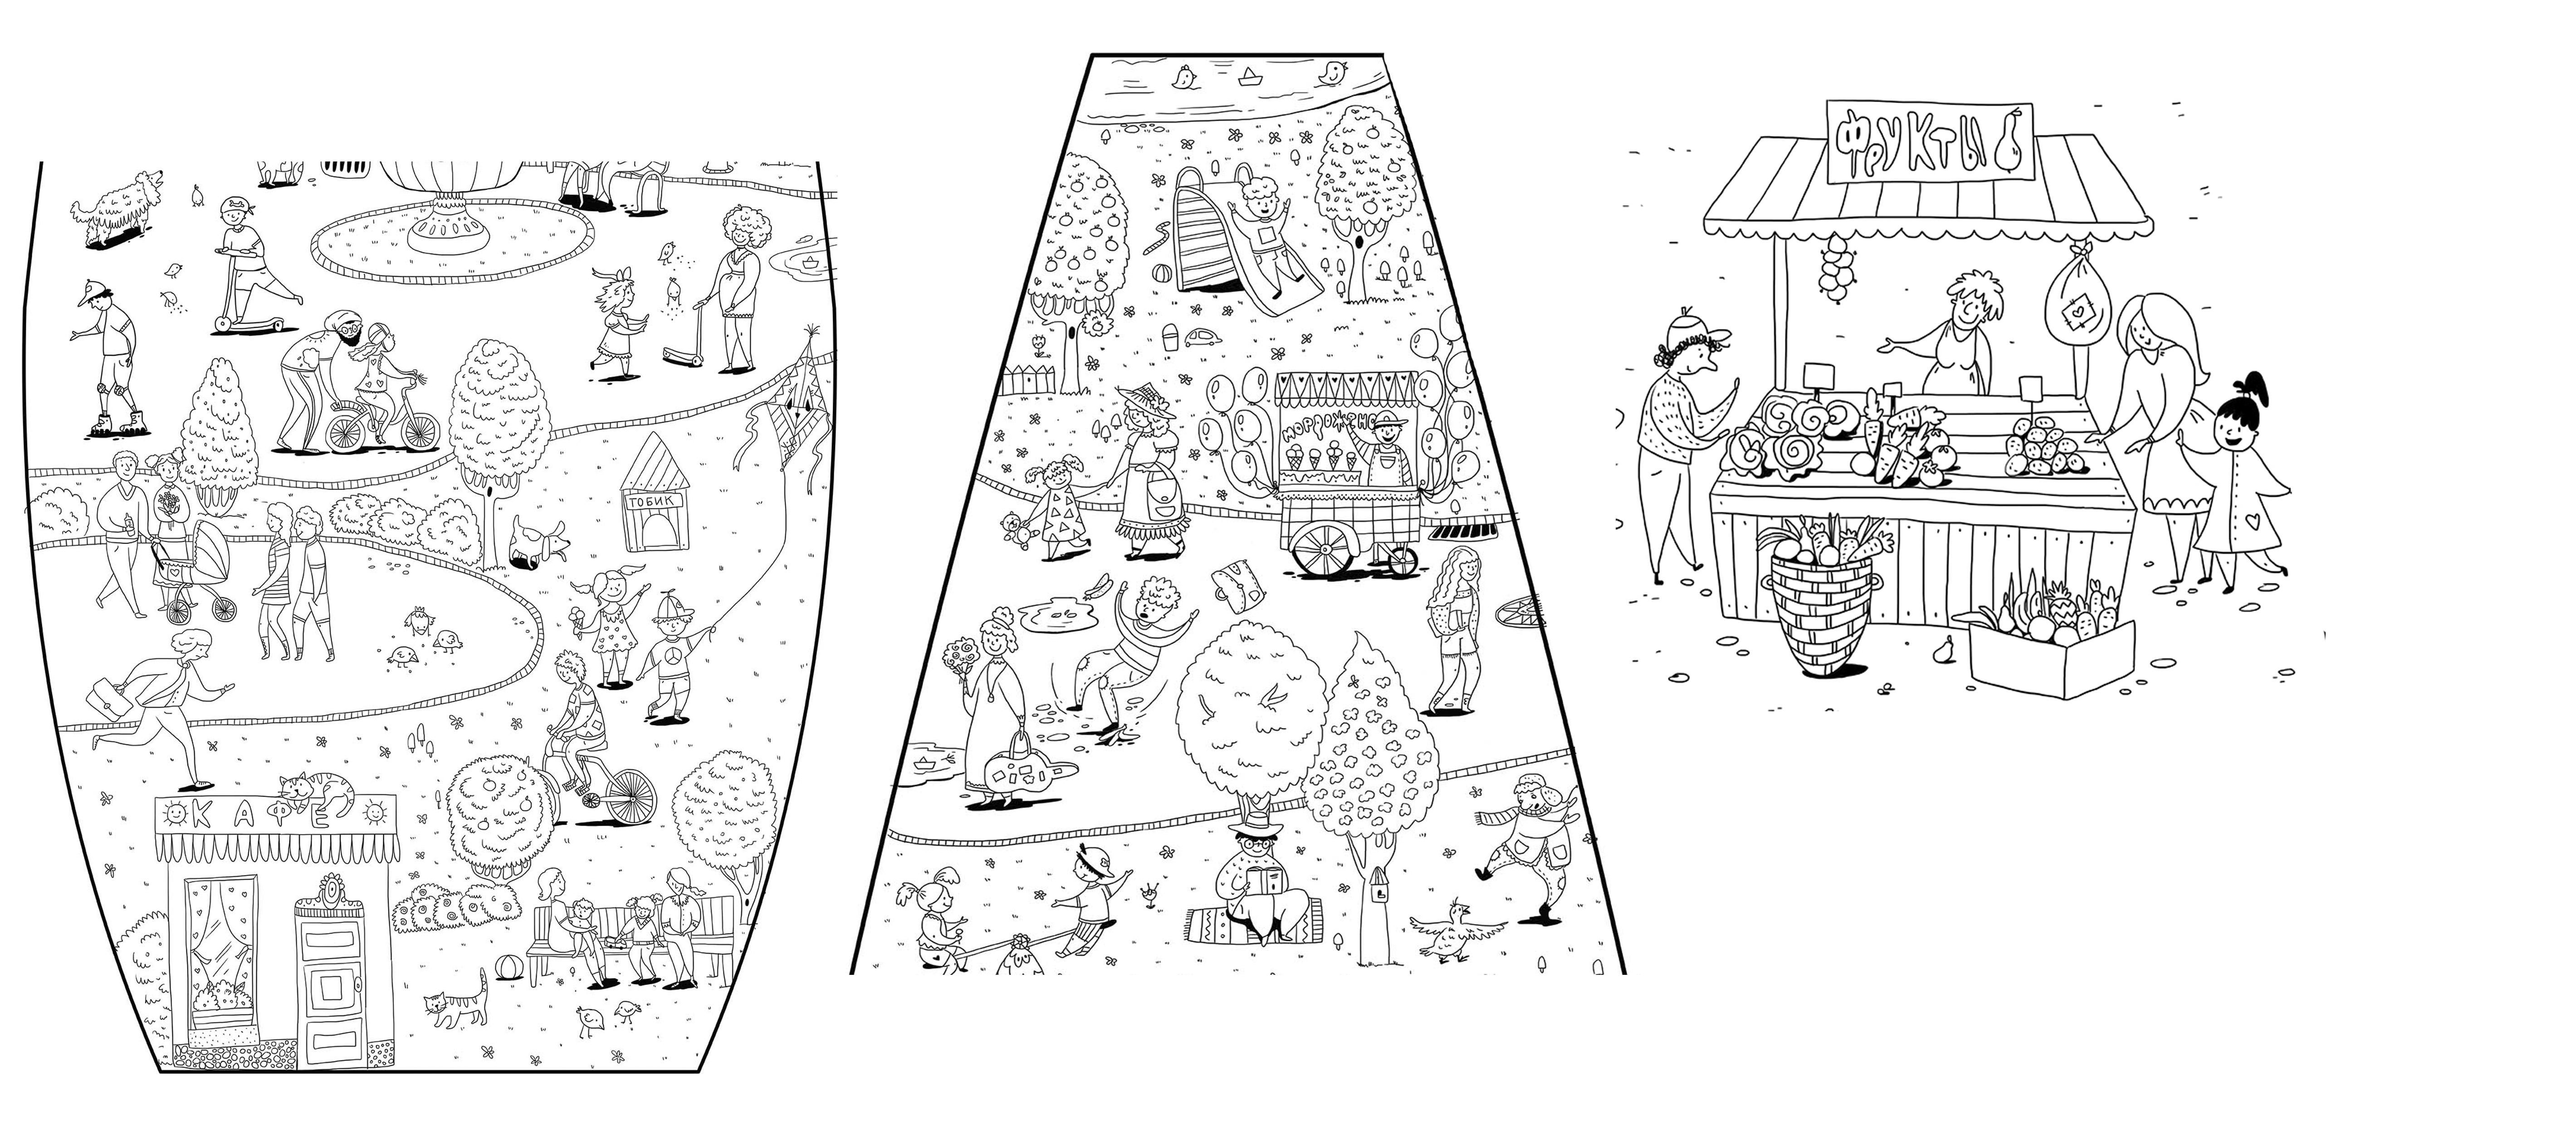 Фрагмент иллюстрации. Принт на ткань в стиле дудл